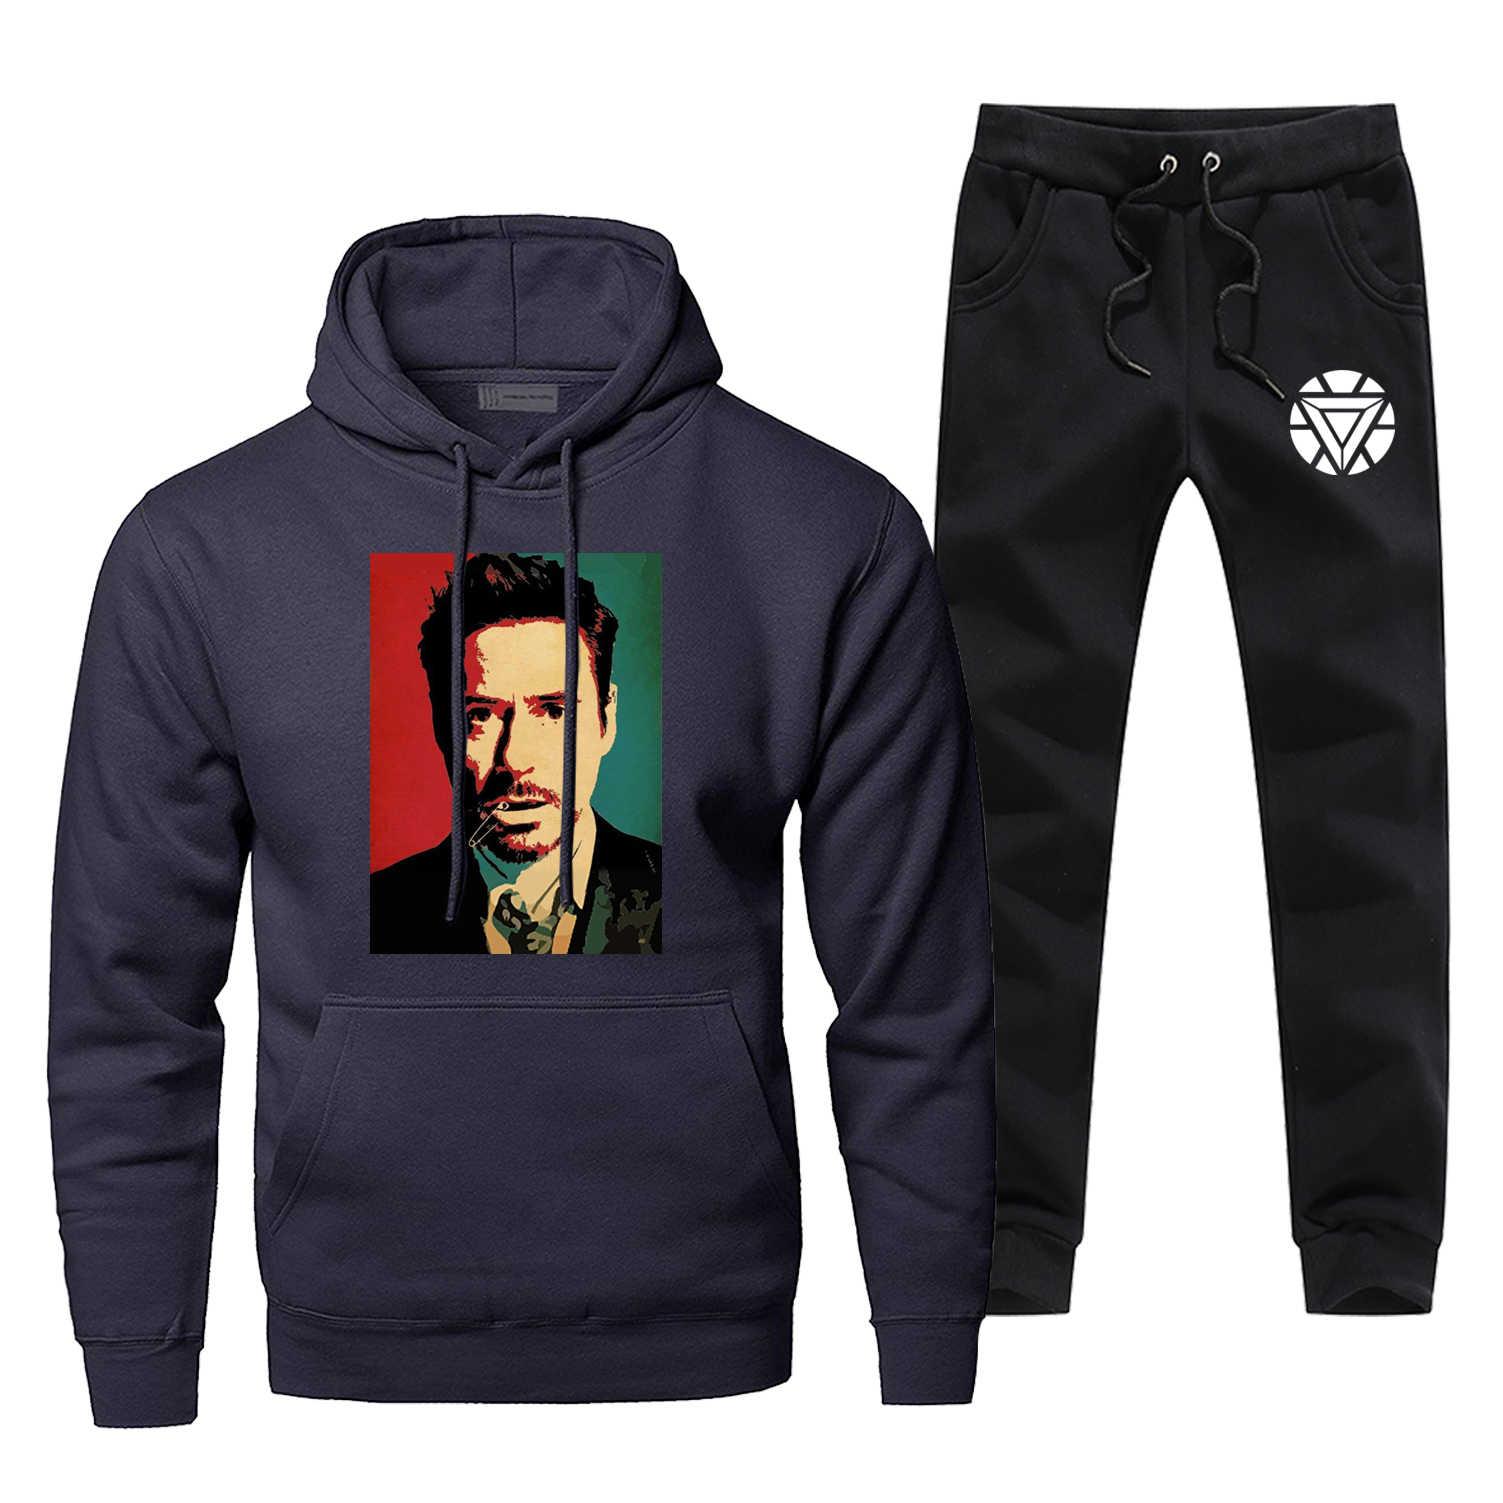 Tony Stark estampado moda Balck hombres conjuntos Super Hero Fleece hombres traje completo chándal Iron Man Casual pantalones sudadera